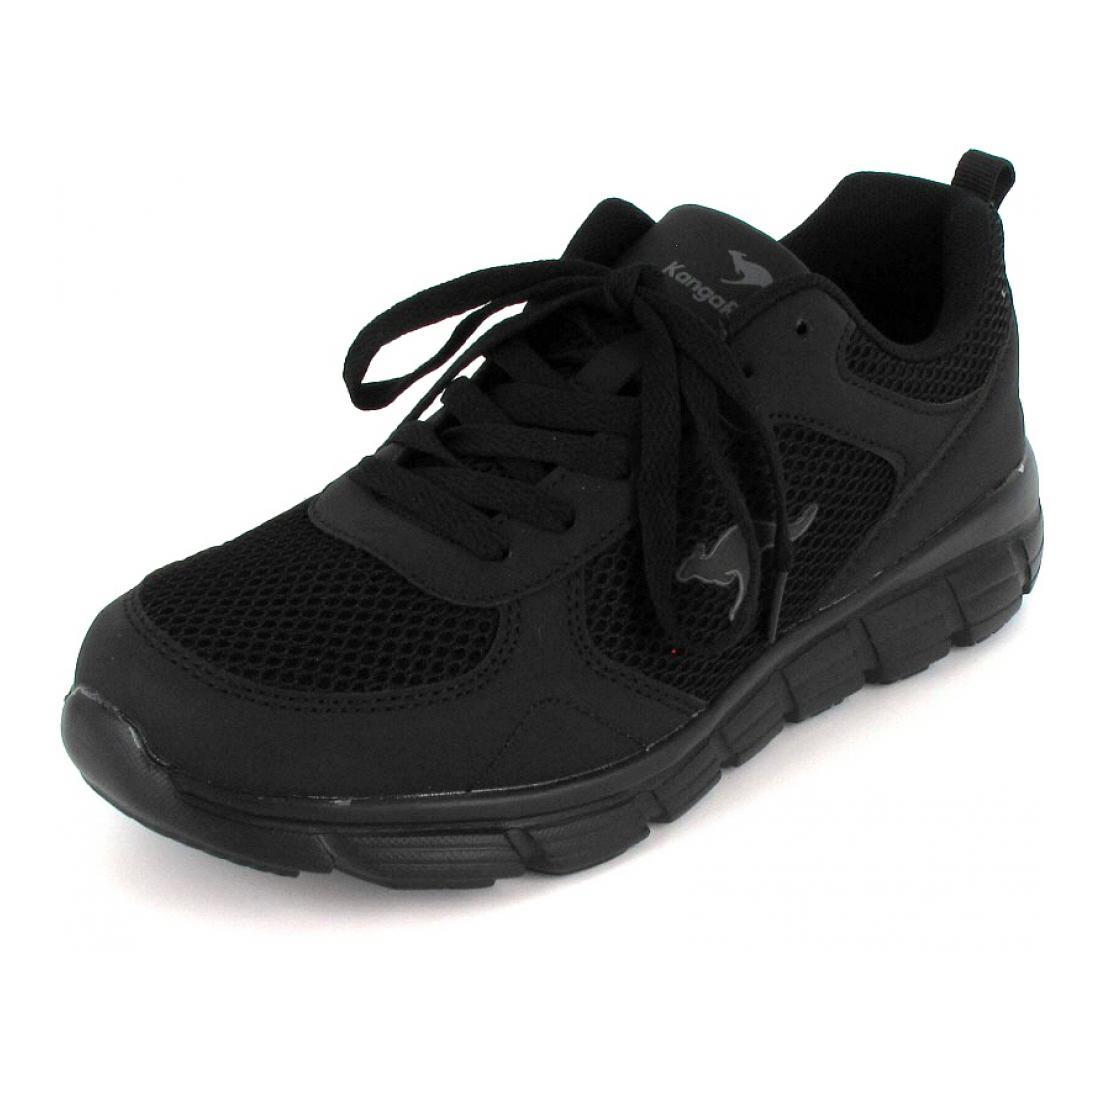 KangaRoos Sneaker KR-Lima